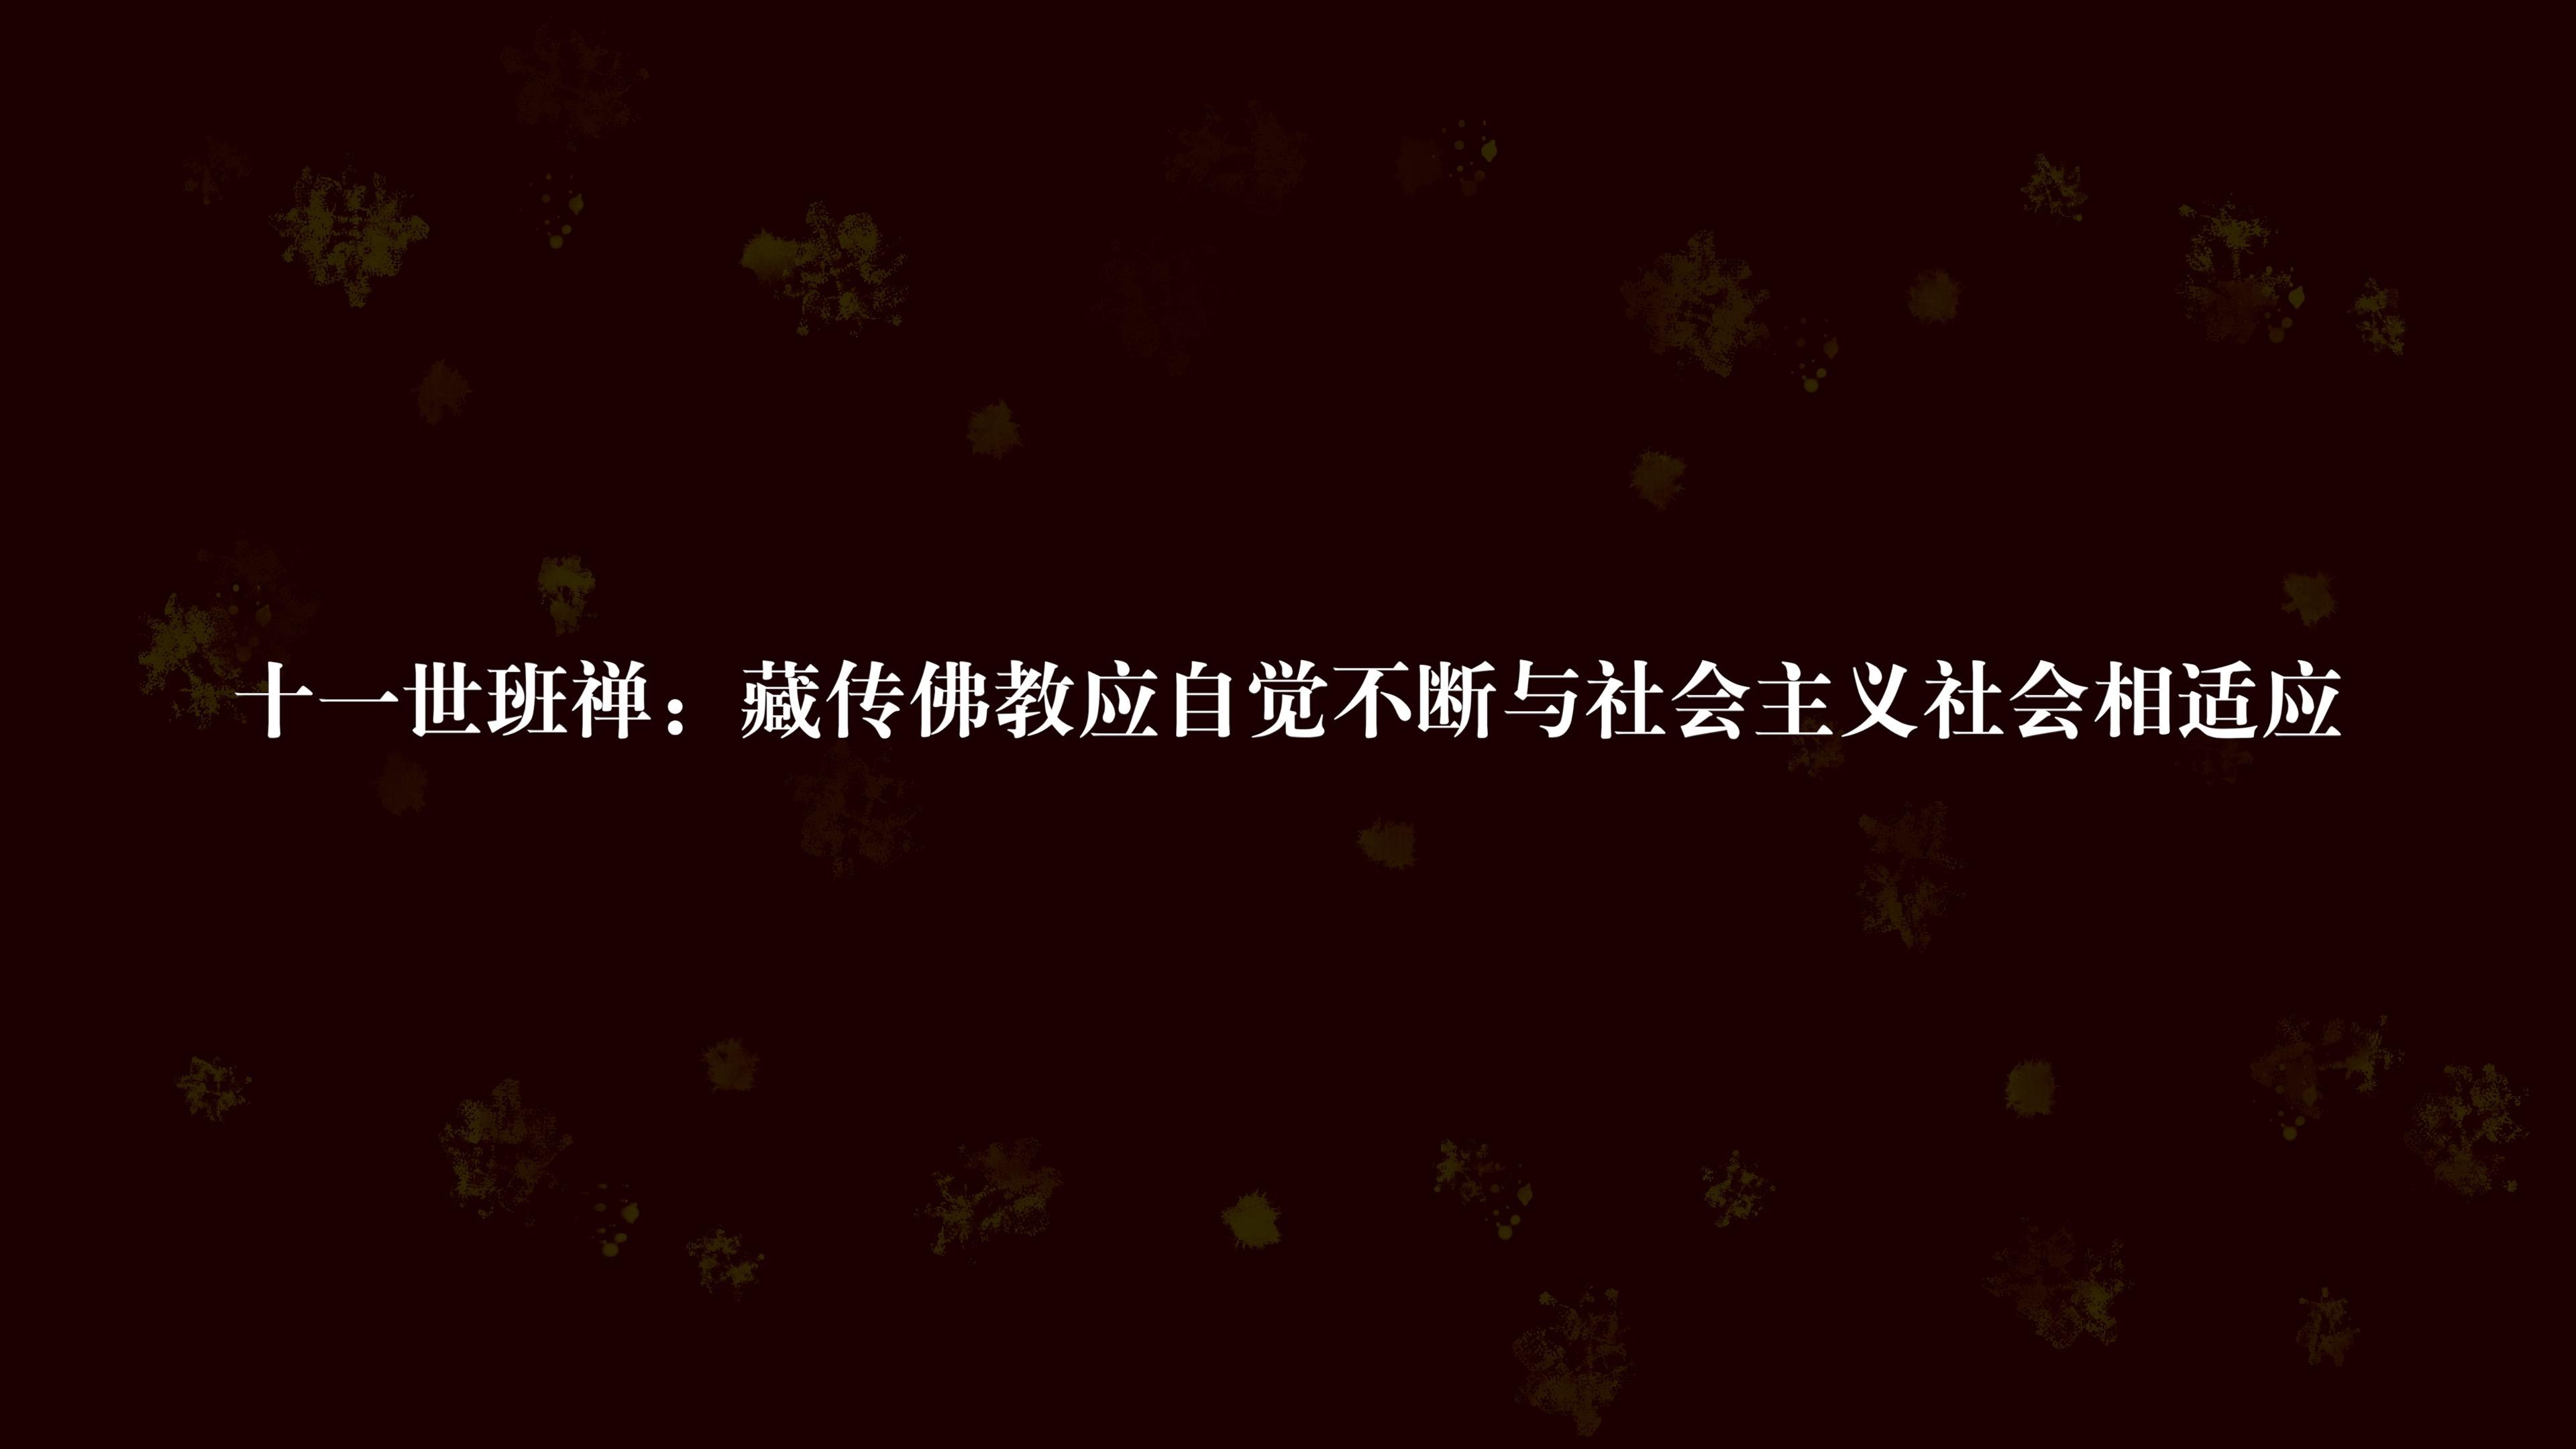 十一世班禅:藏传释教应自发不停与社会主义社会相顺应